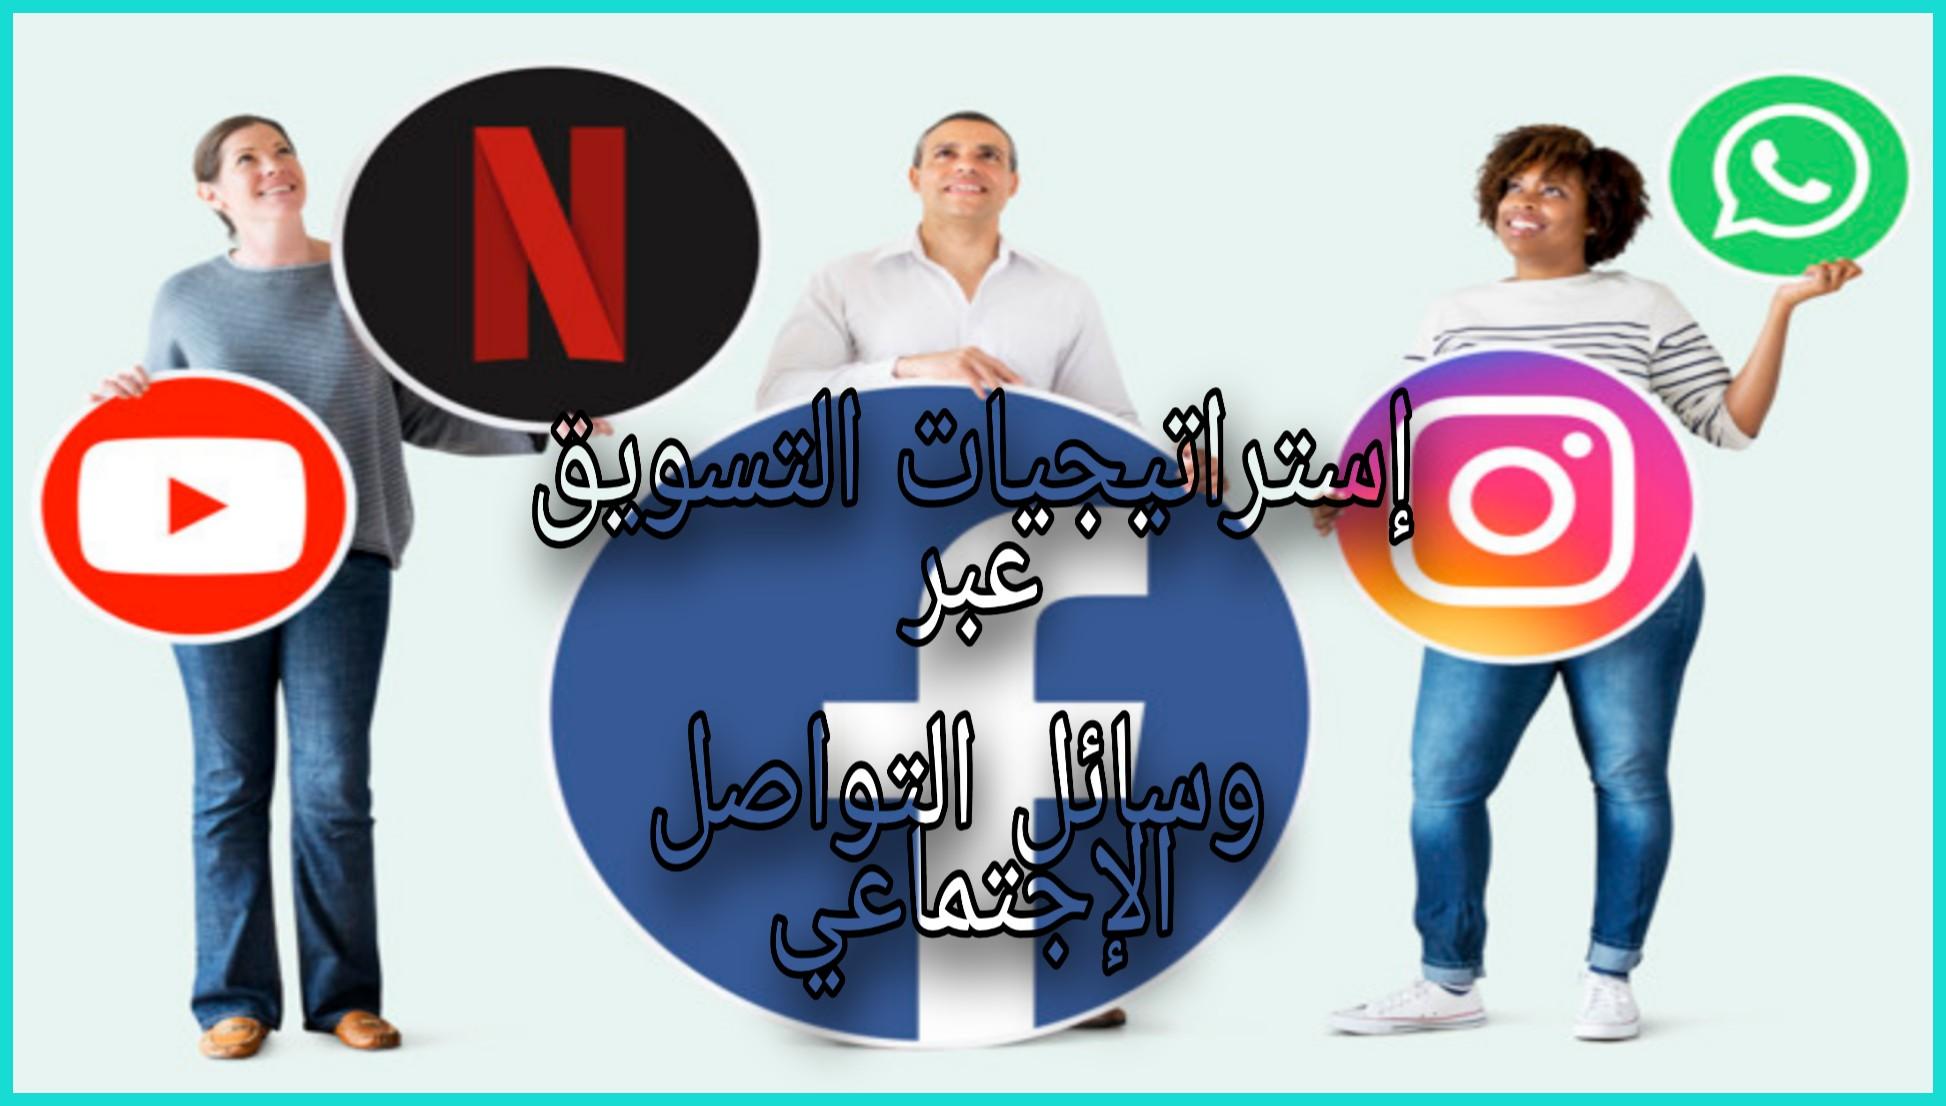 تسويق عبر وسائل التواصل الاجتماعي